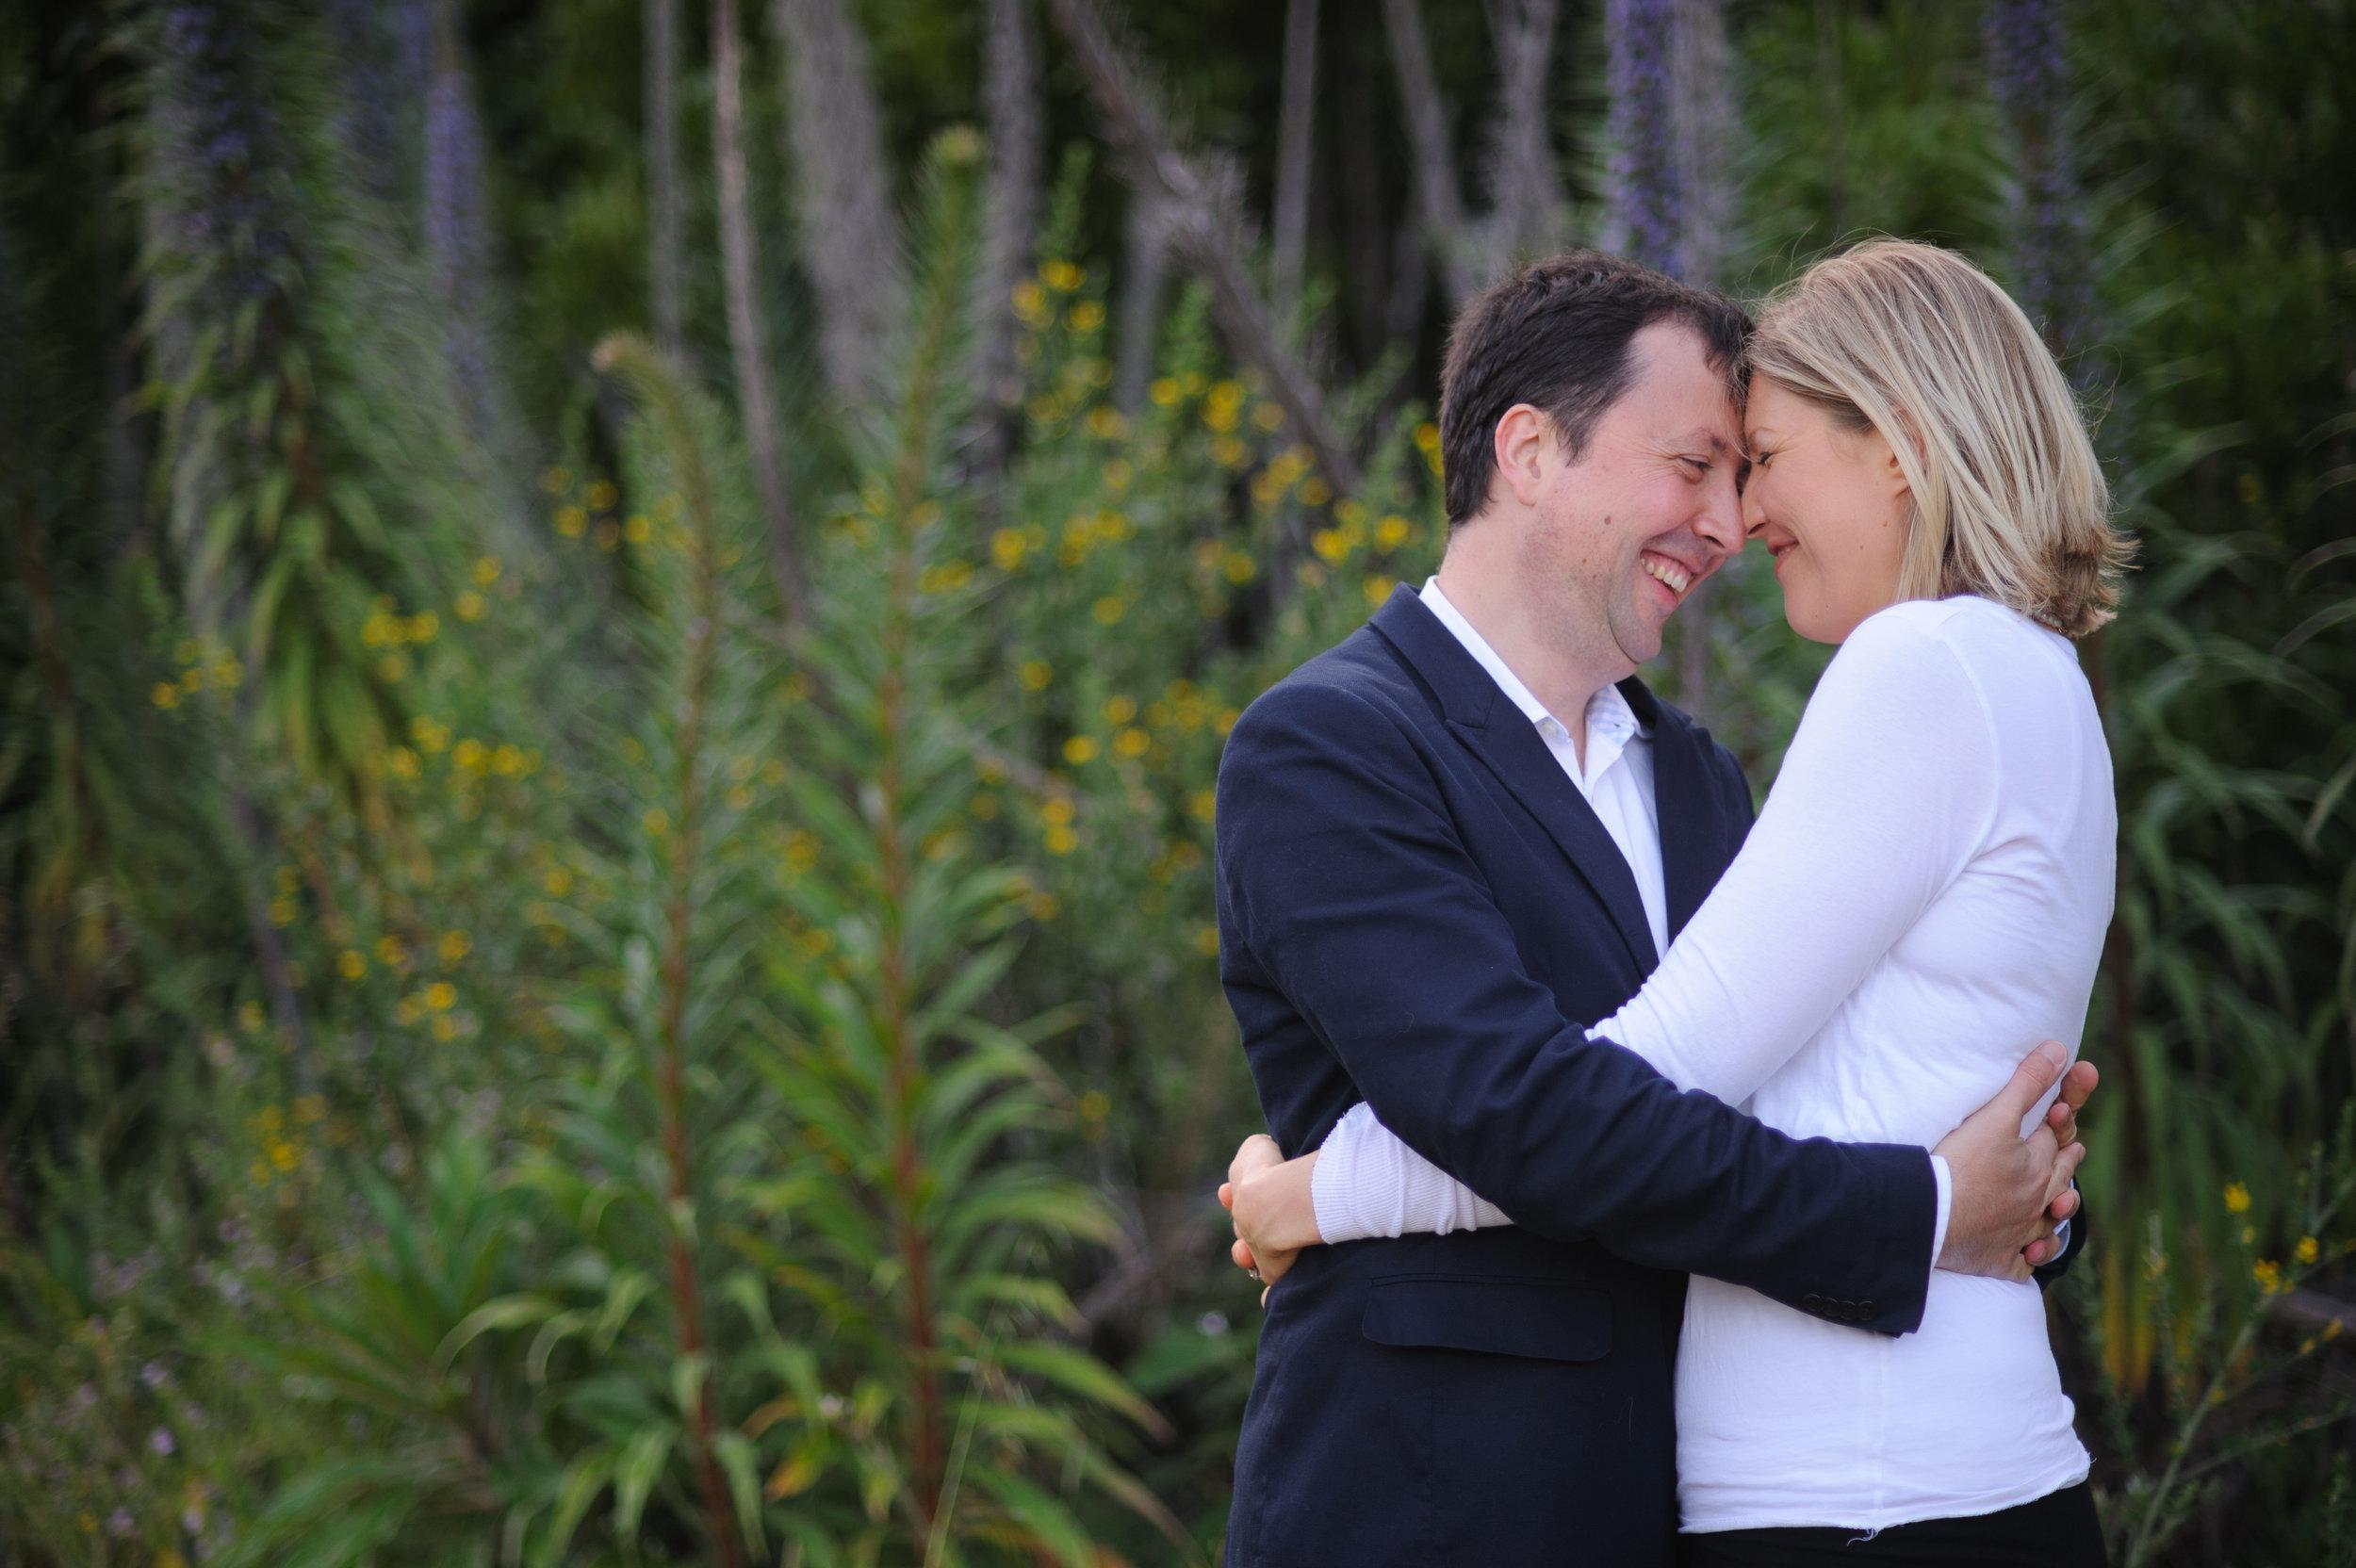 reed-aleks-005-san-francisco-engagement-wedding-photographer-katherine-nicole-photography.JPG